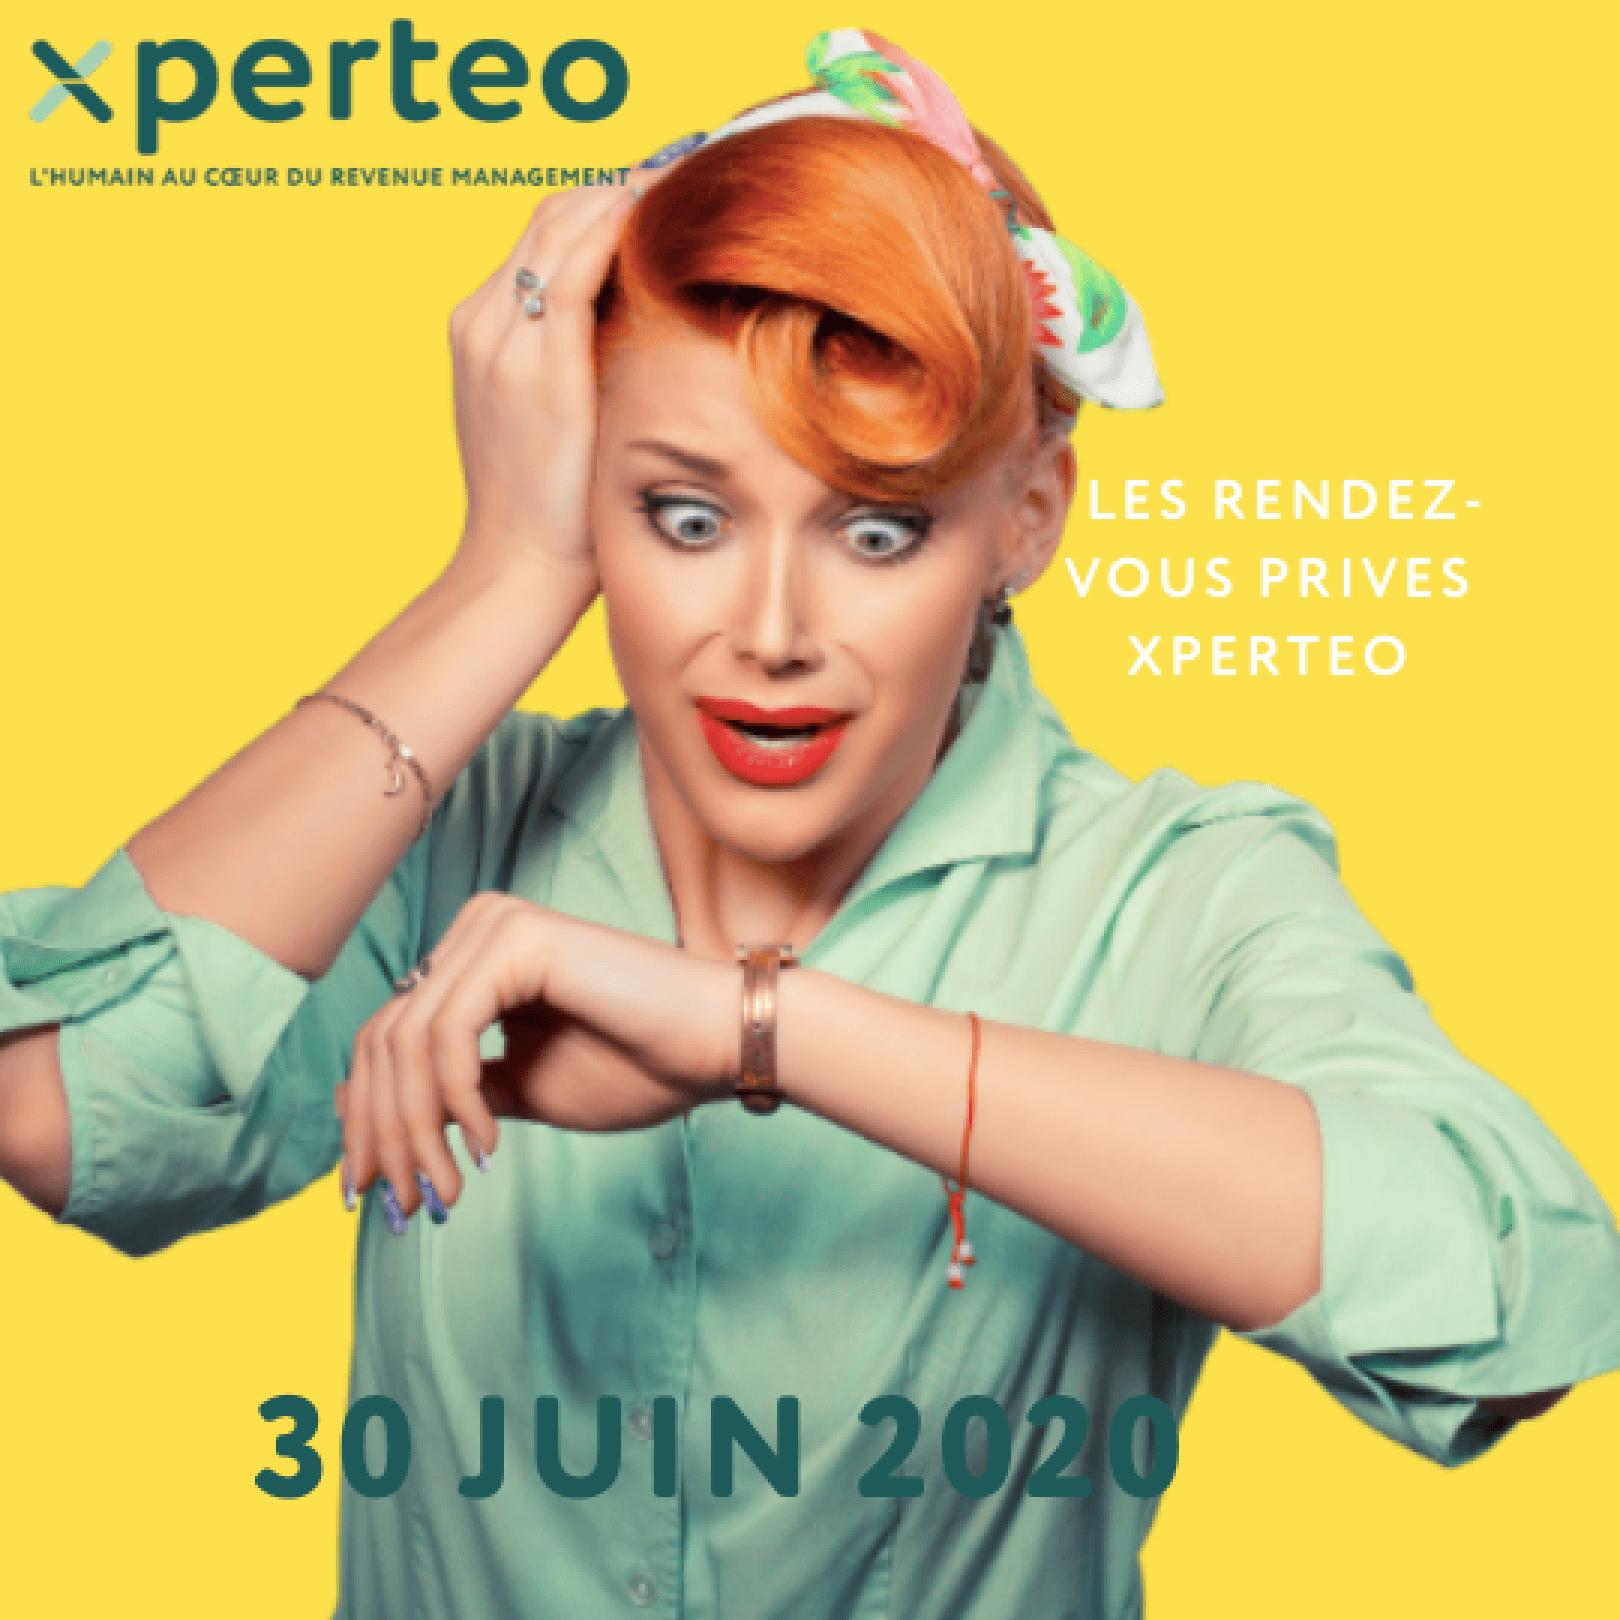 Les Rendez-Vous Privés d'XPerteo